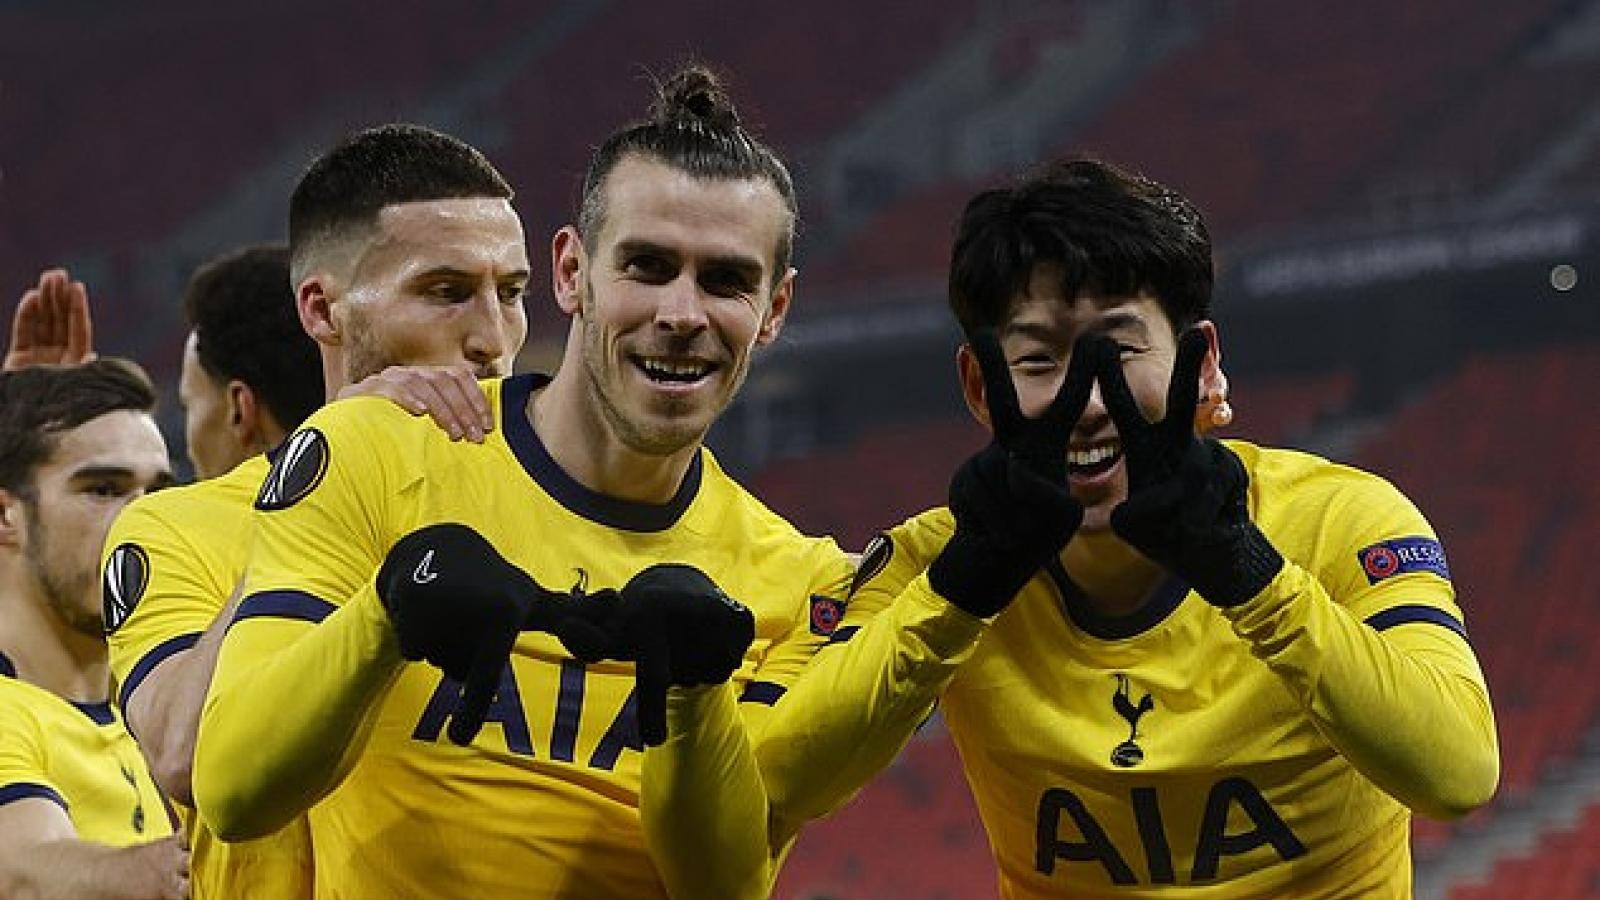 Son Heung Min khơi nguồn cảm hứng, Tottenham đè bẹp Wolfsberger